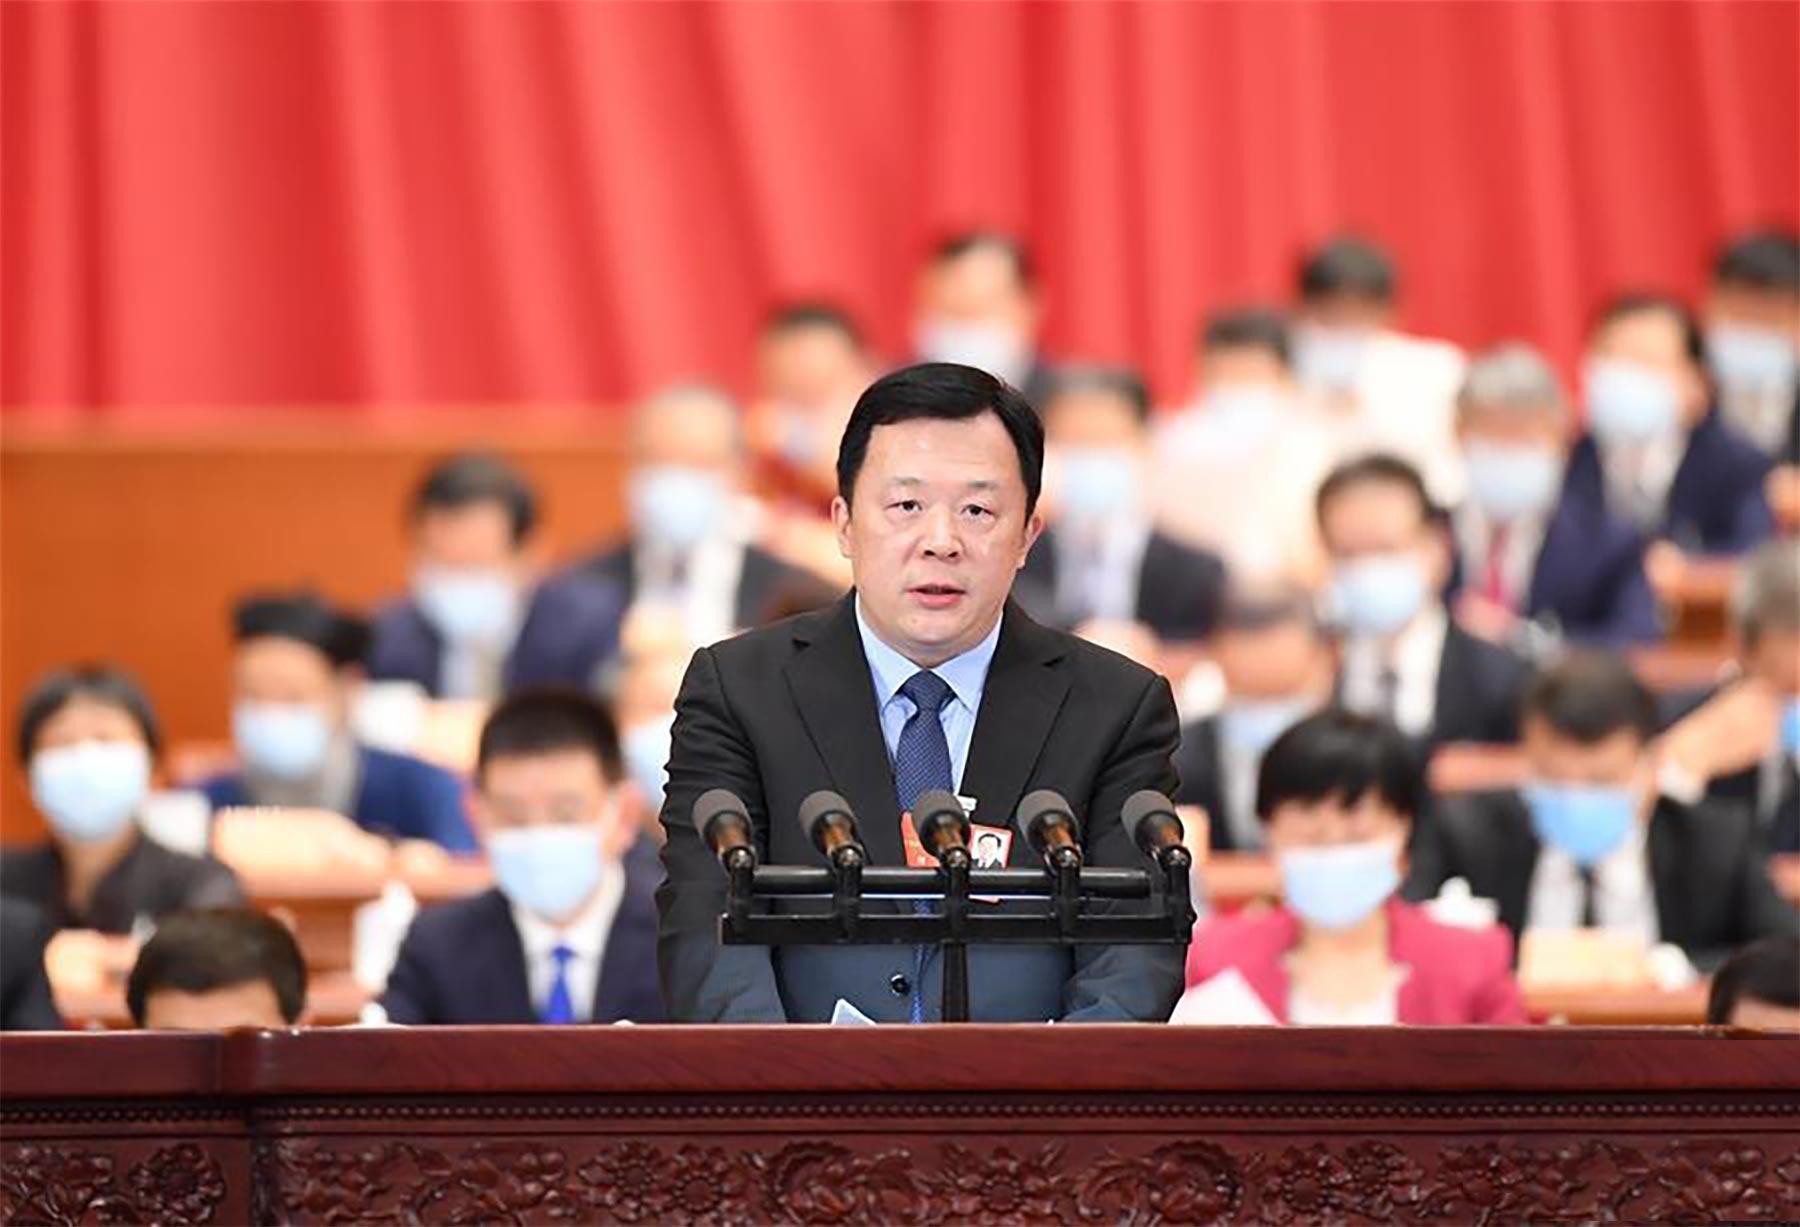 胡豫委员作大会发言。新华社记者 燕雁 摄